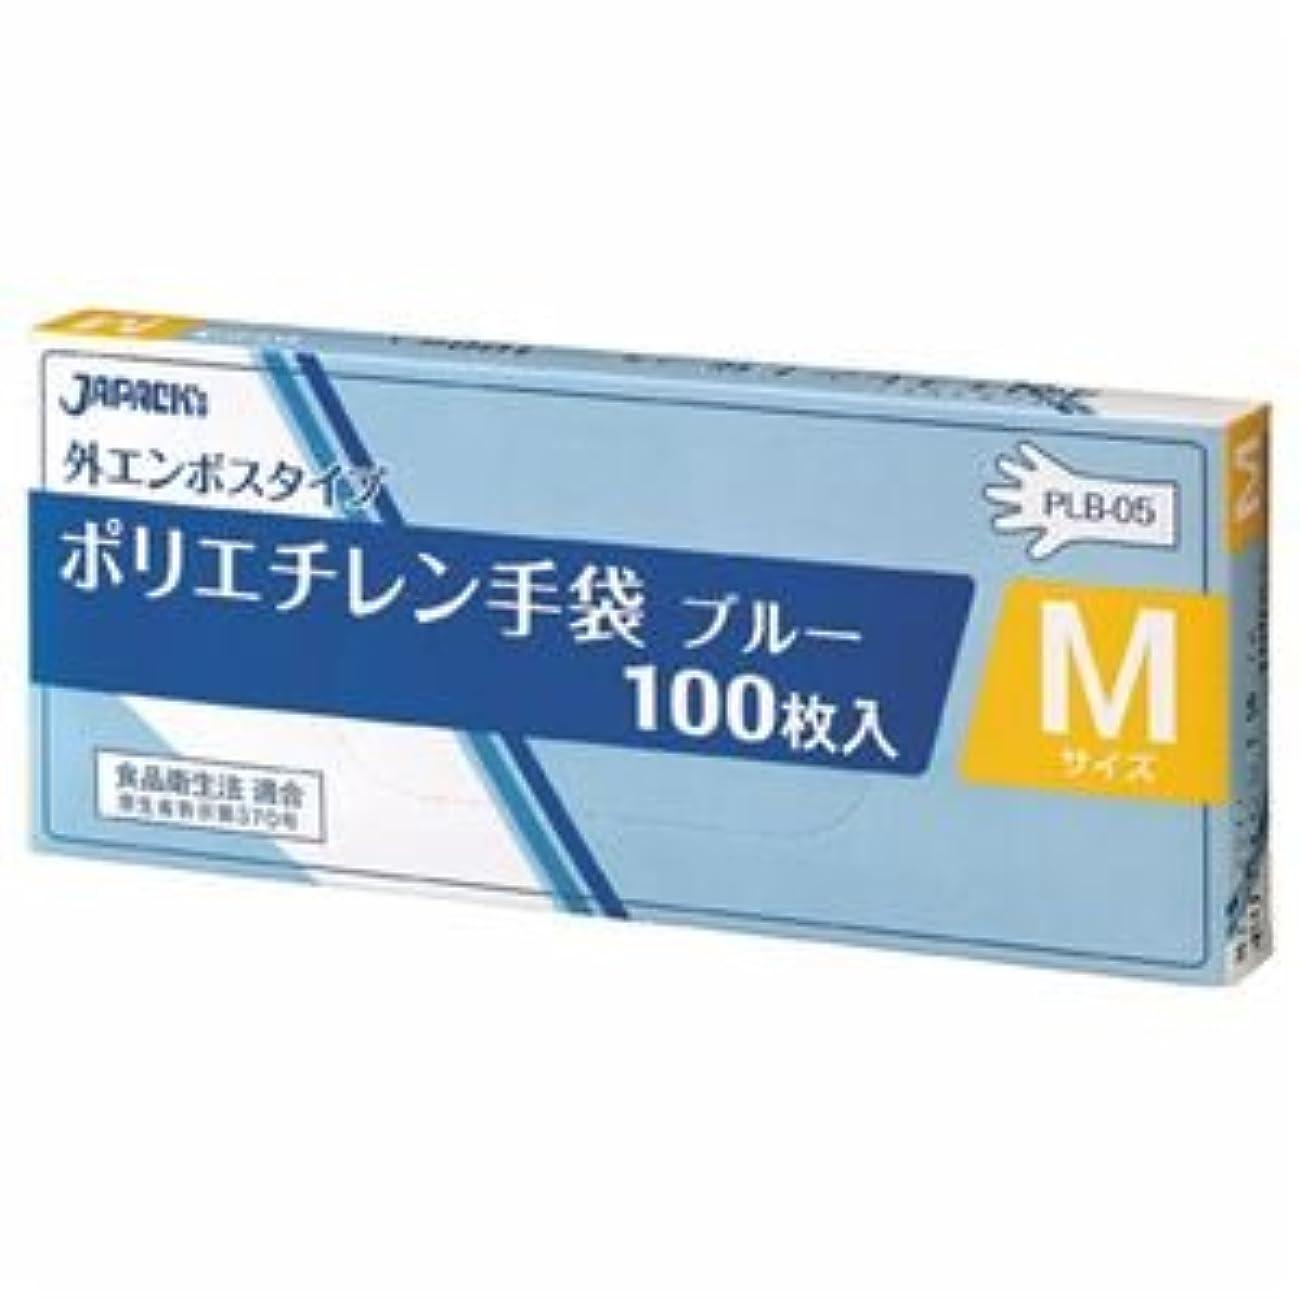 逃れる偶然の購入(まとめ) ジャパックス 外エンボスLDポリ手袋BOX M 青 PLB05 1パック(100枚) 【×20セット】 ds-1583311